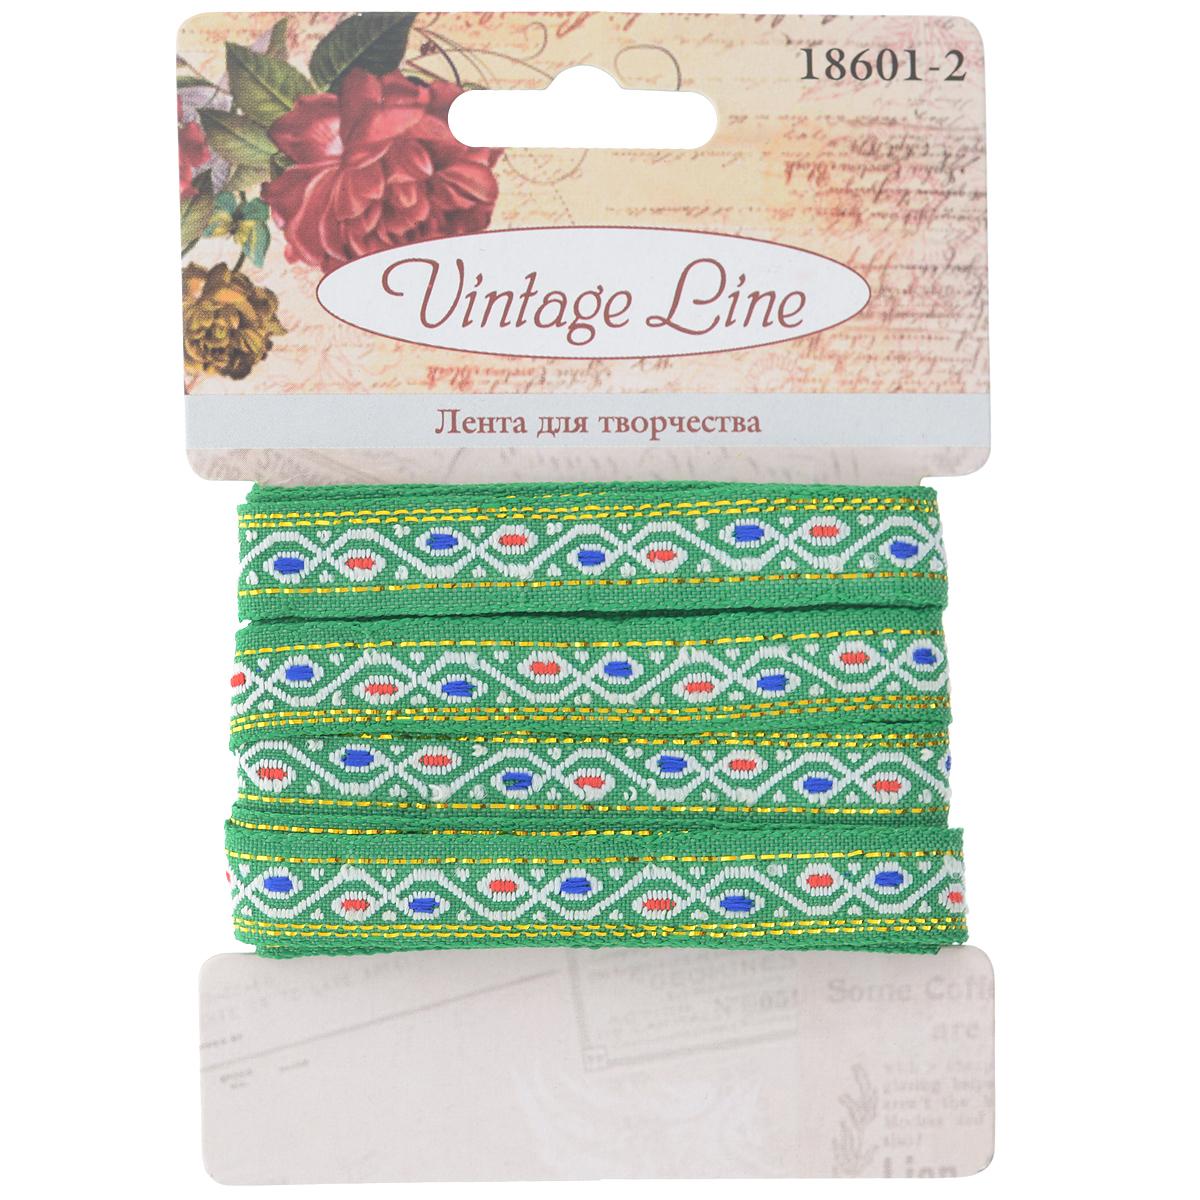 Лента декоративная Vintage Line, цвет: зеленый, 1 х 200 смC0042416Декоративная лента Vintage Line выполнена из текстиля и оформлена оригинальным узором. Такая лента идеально подойдет для оформления различных творческих работ таких, как скрапбукинг, аппликация, декор коробок и открыток и многое другое.Лента наивысшего качества практична в использовании. Она станет незаменимым элементом в создании рукотворного шедевра. Ширина: 1 см.Длина: 2 м.